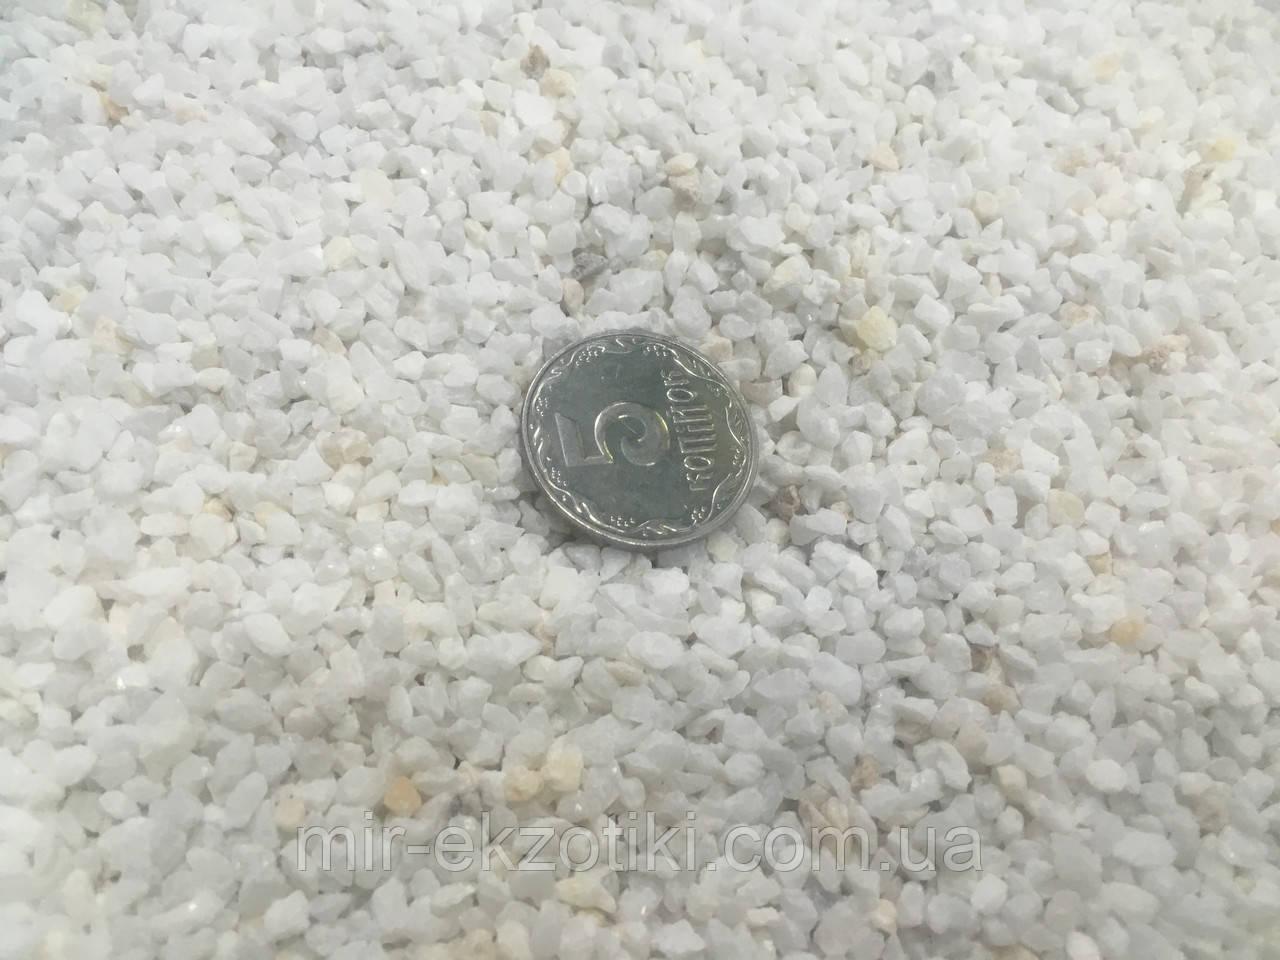 Грунт для аквариума белый (2,5-3мм) Крошка мраморная  1кг